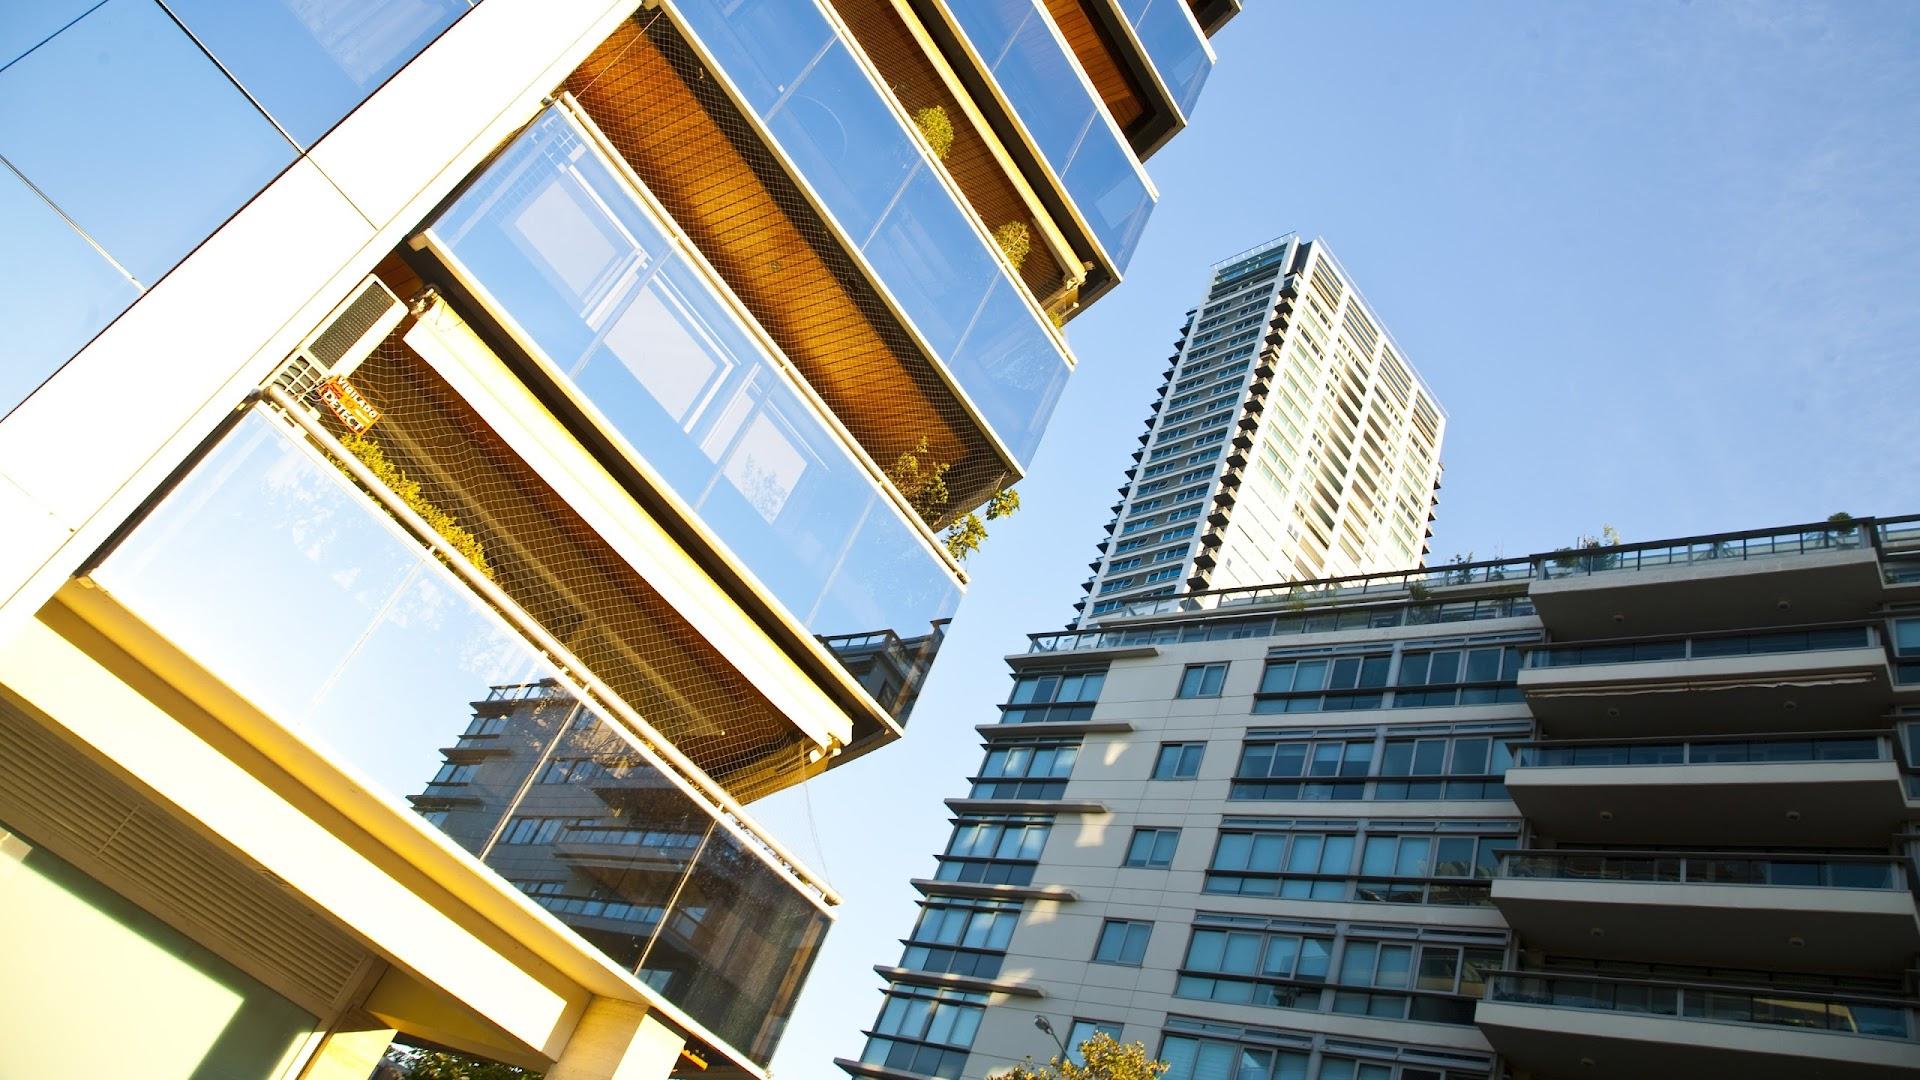 Картинки : архитектура, здание, небоскреб, в центре города, .